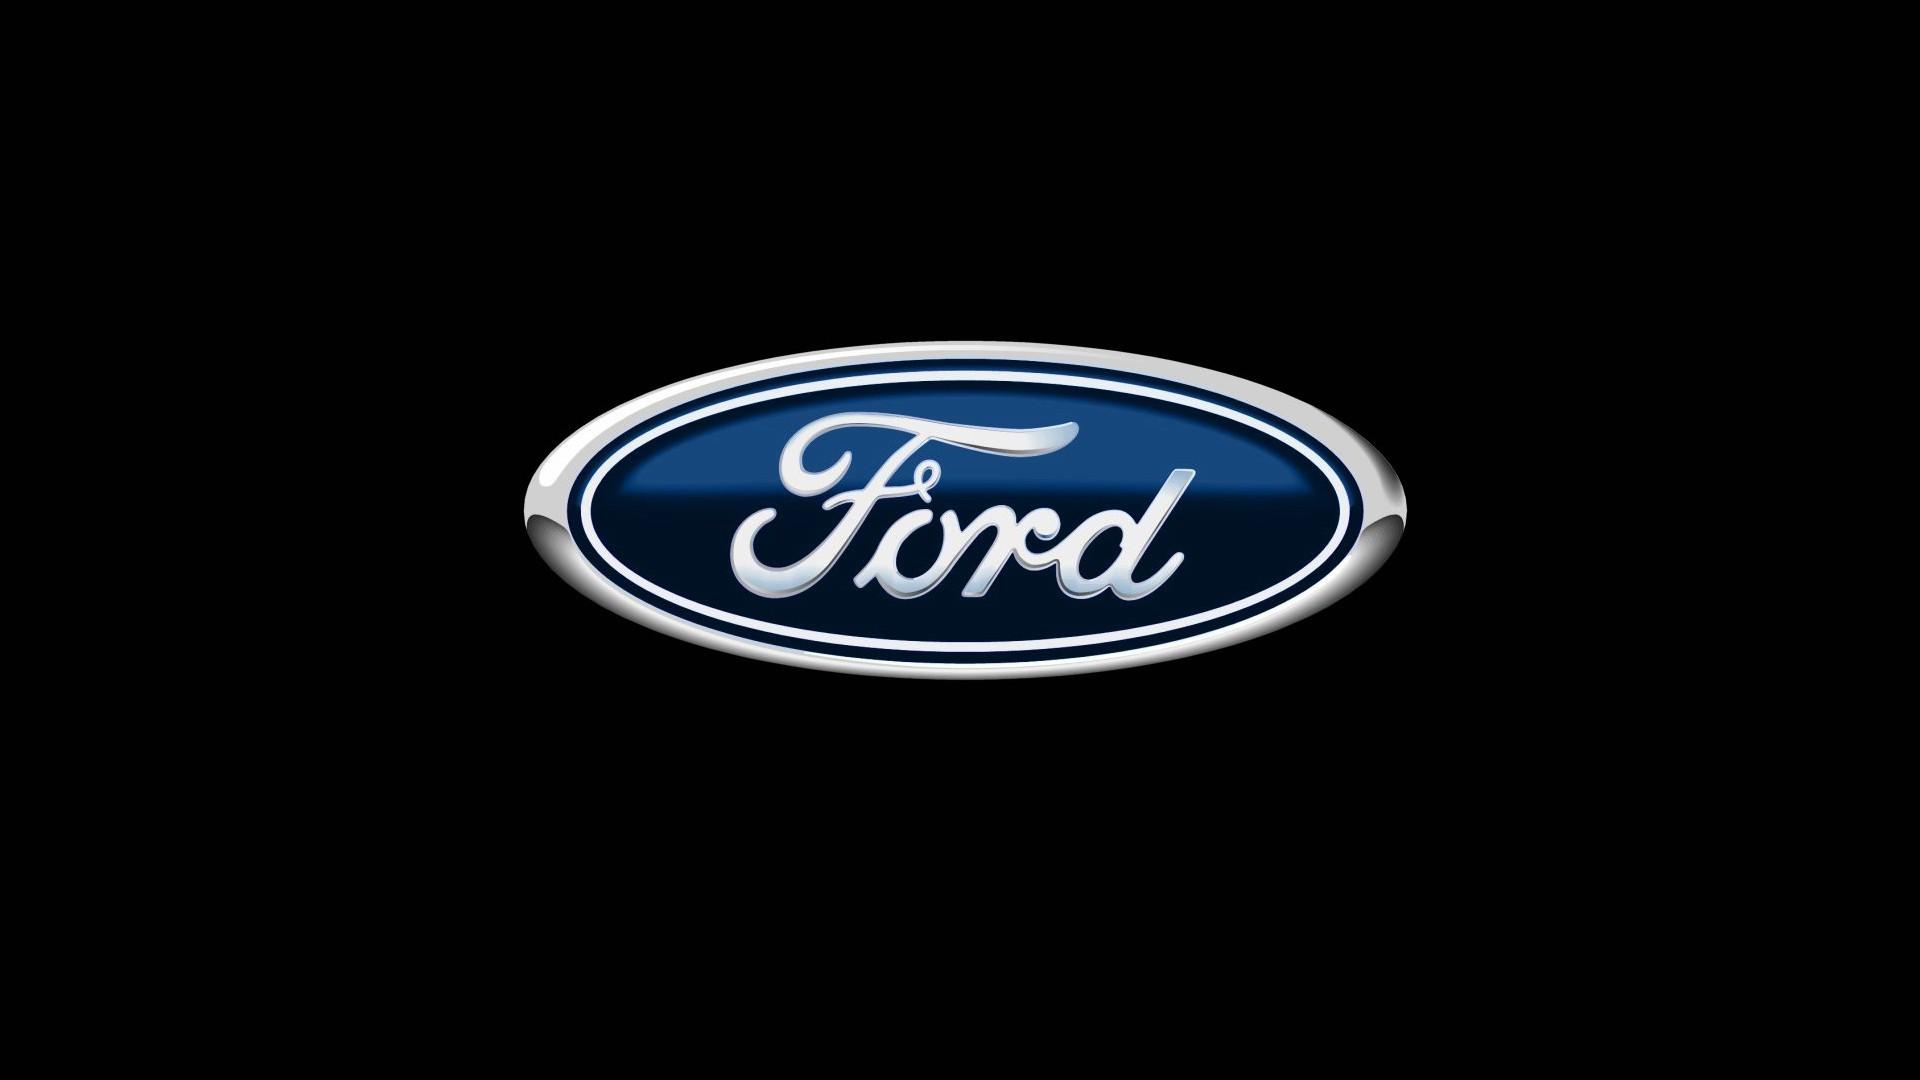 ВОмске закрылся дилерский центр Форд